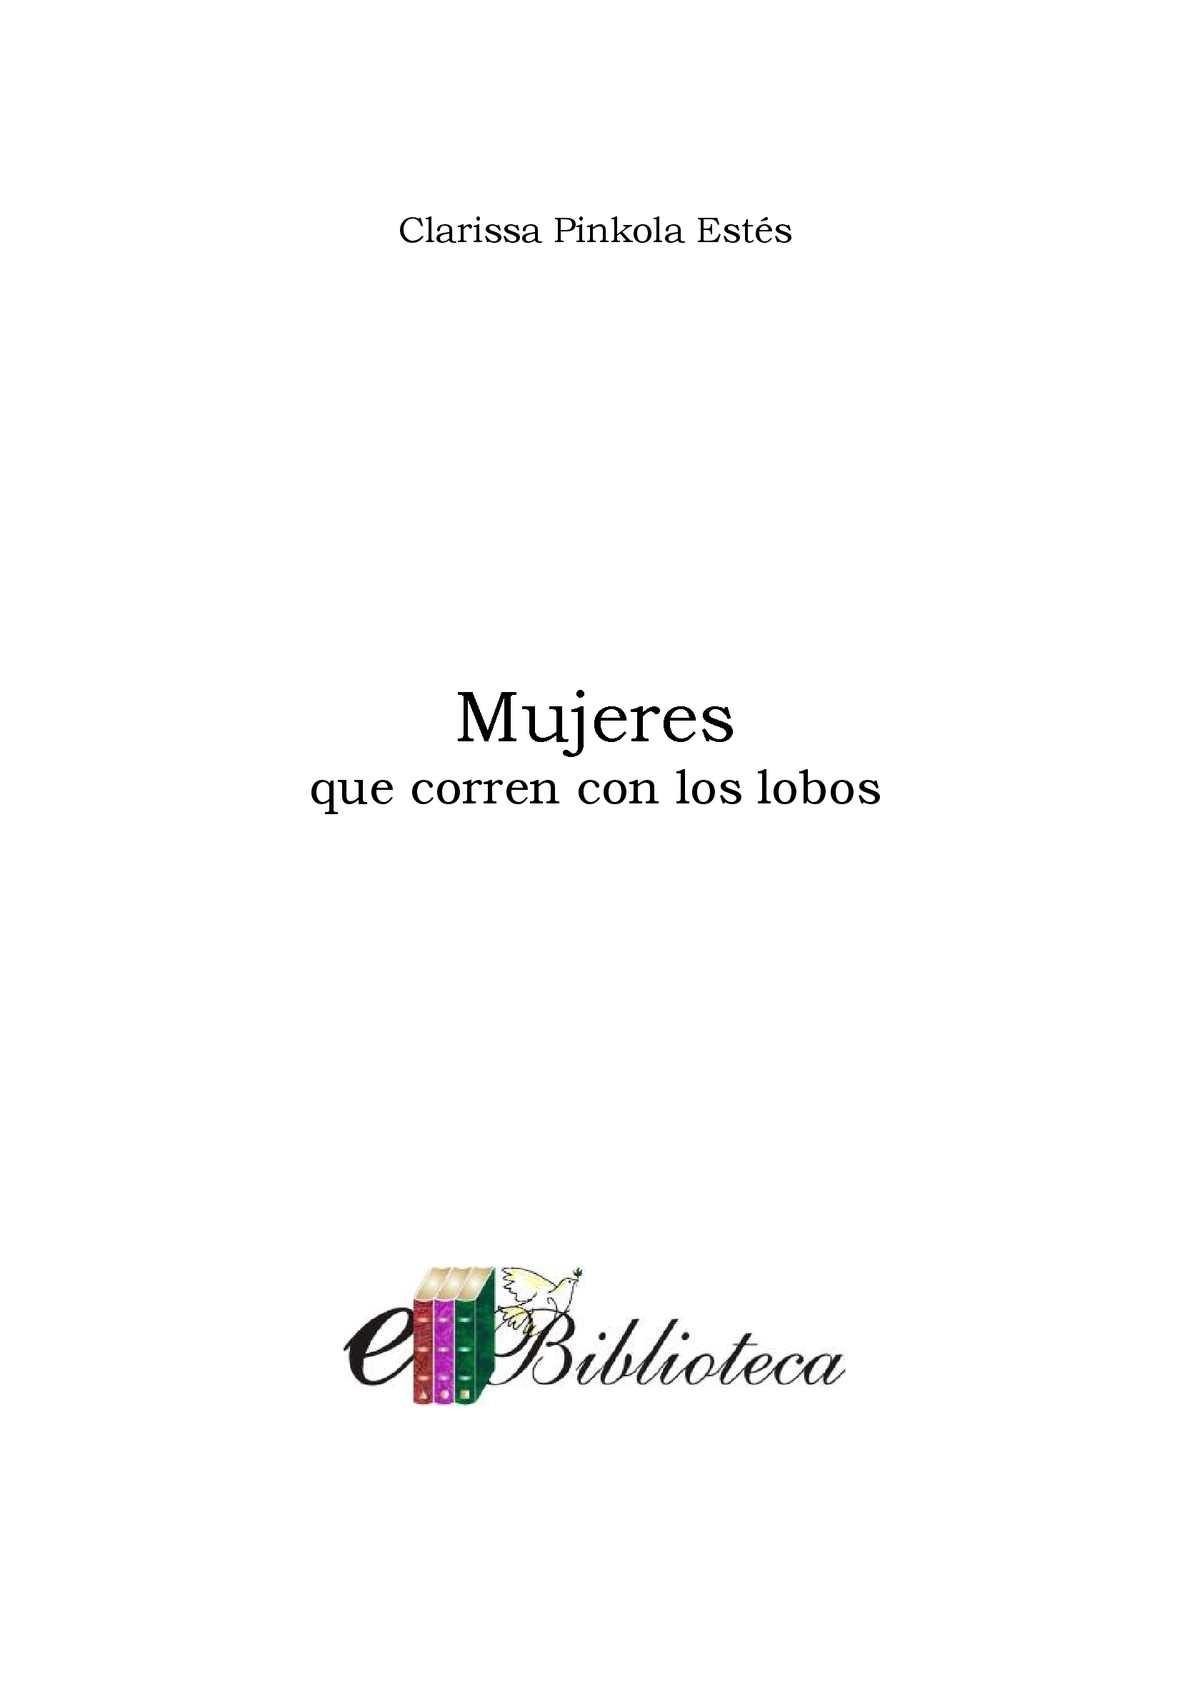 Mujeres Solteras Puente Alto - 839419